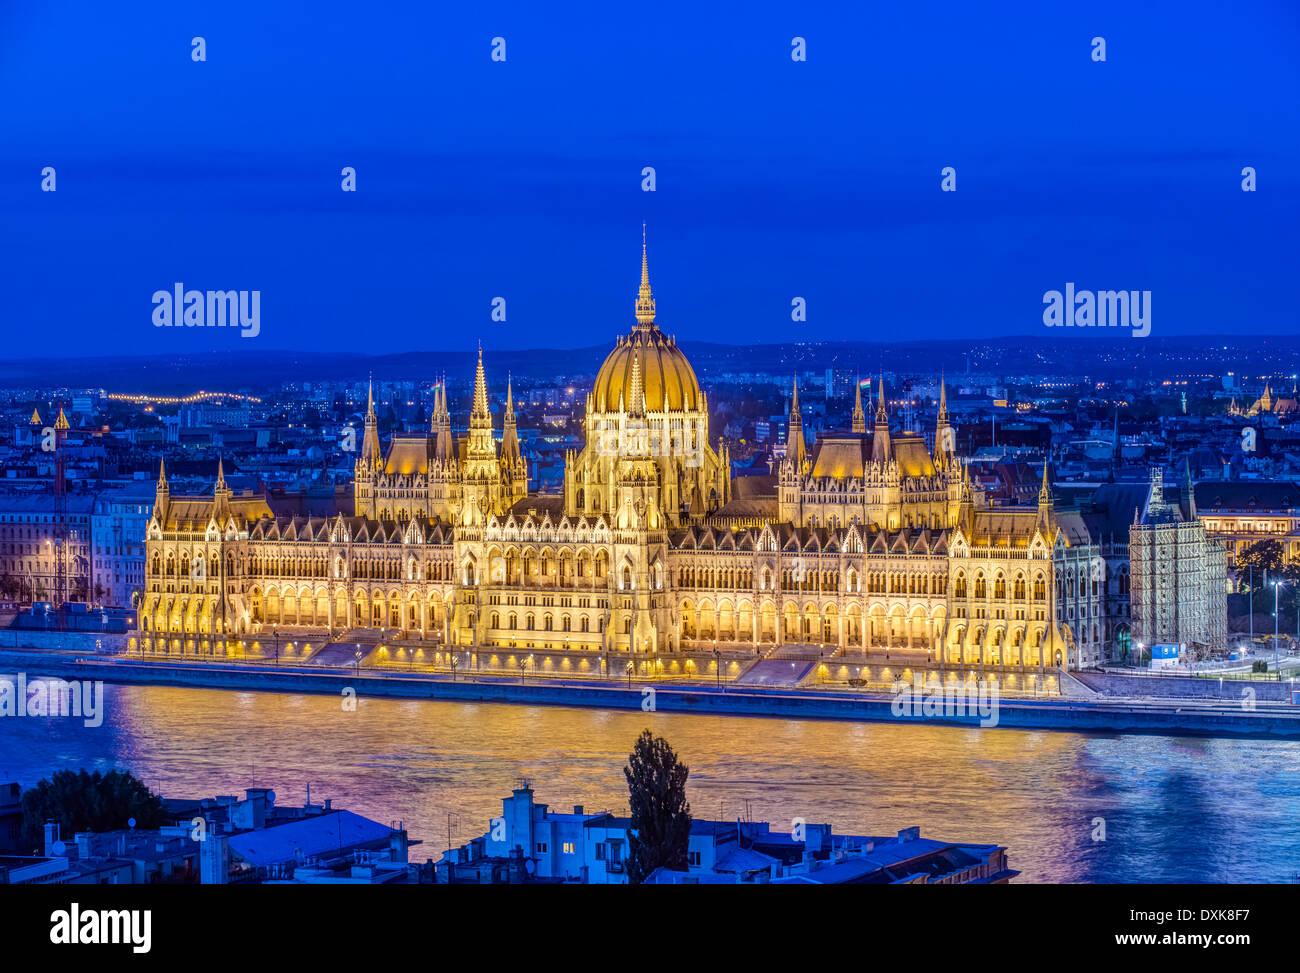 Ansicht des Parlamentsgebäudes beleuchtet in der Abenddämmerung, Budapest, Ungarn Stockbild